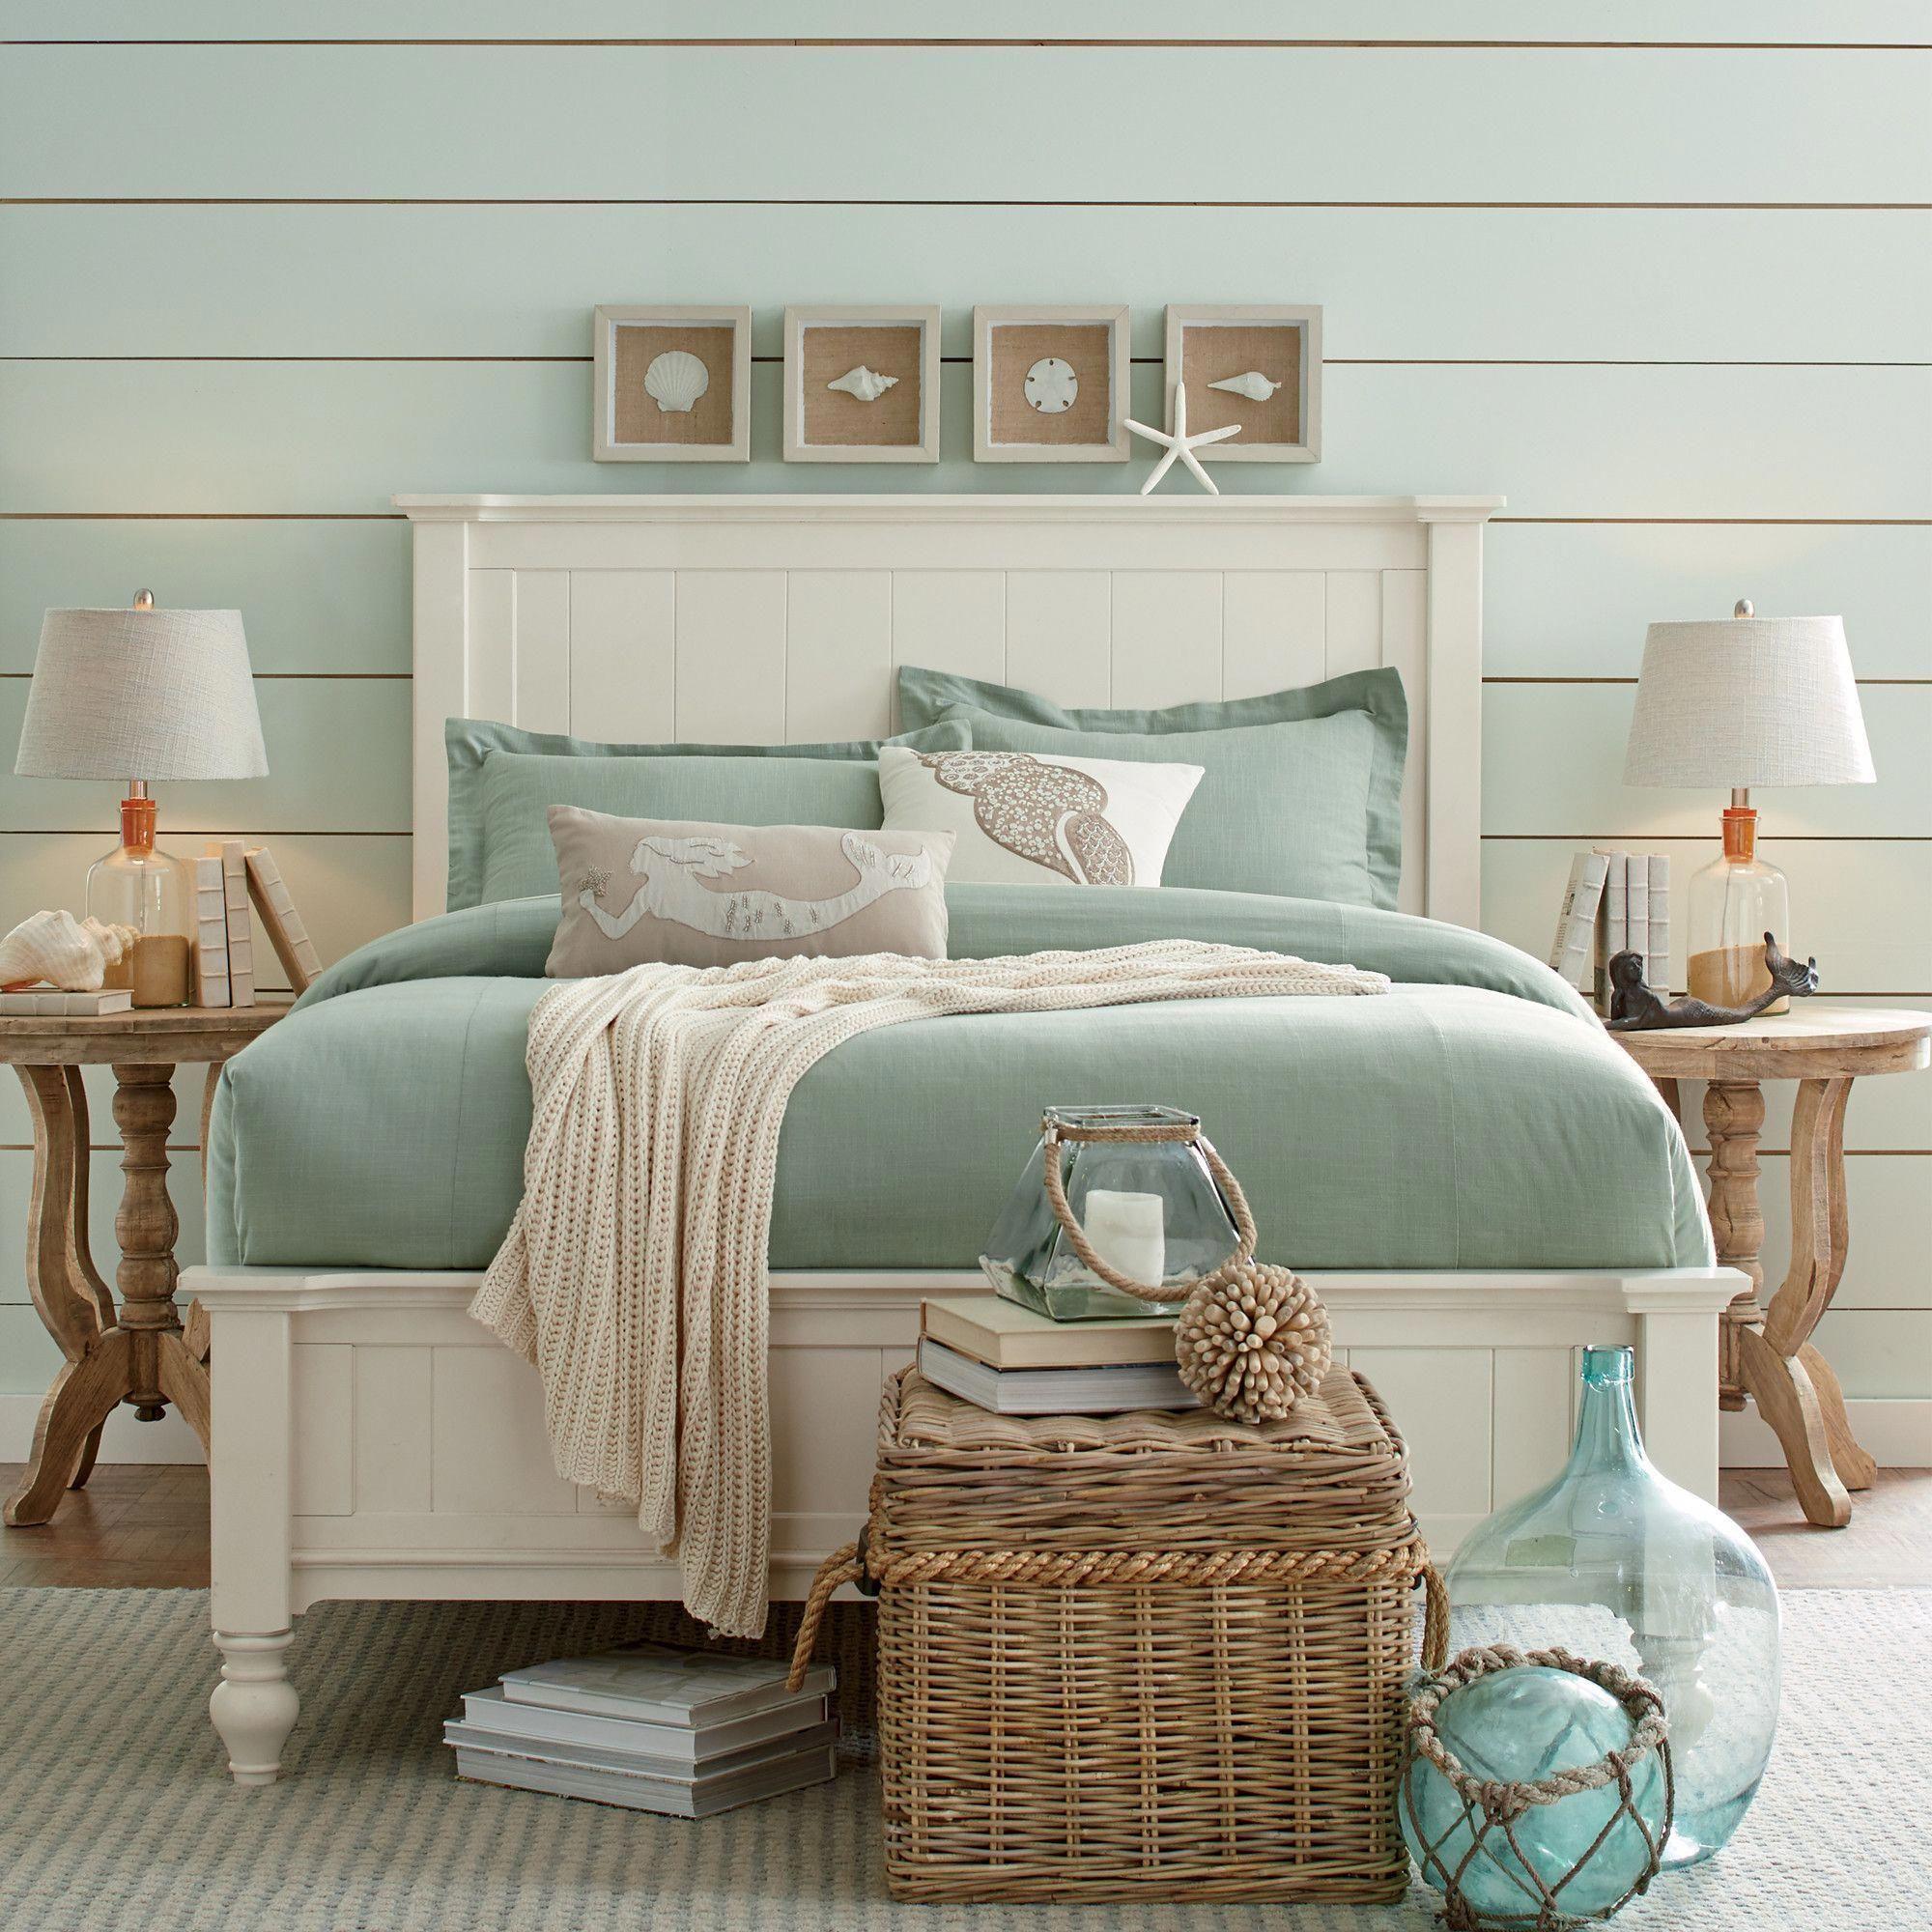 23 Beach House Decor On A Budget Decorisme Beachhousedecor Home Decor Home Bedroom Beach Themed Bedroom